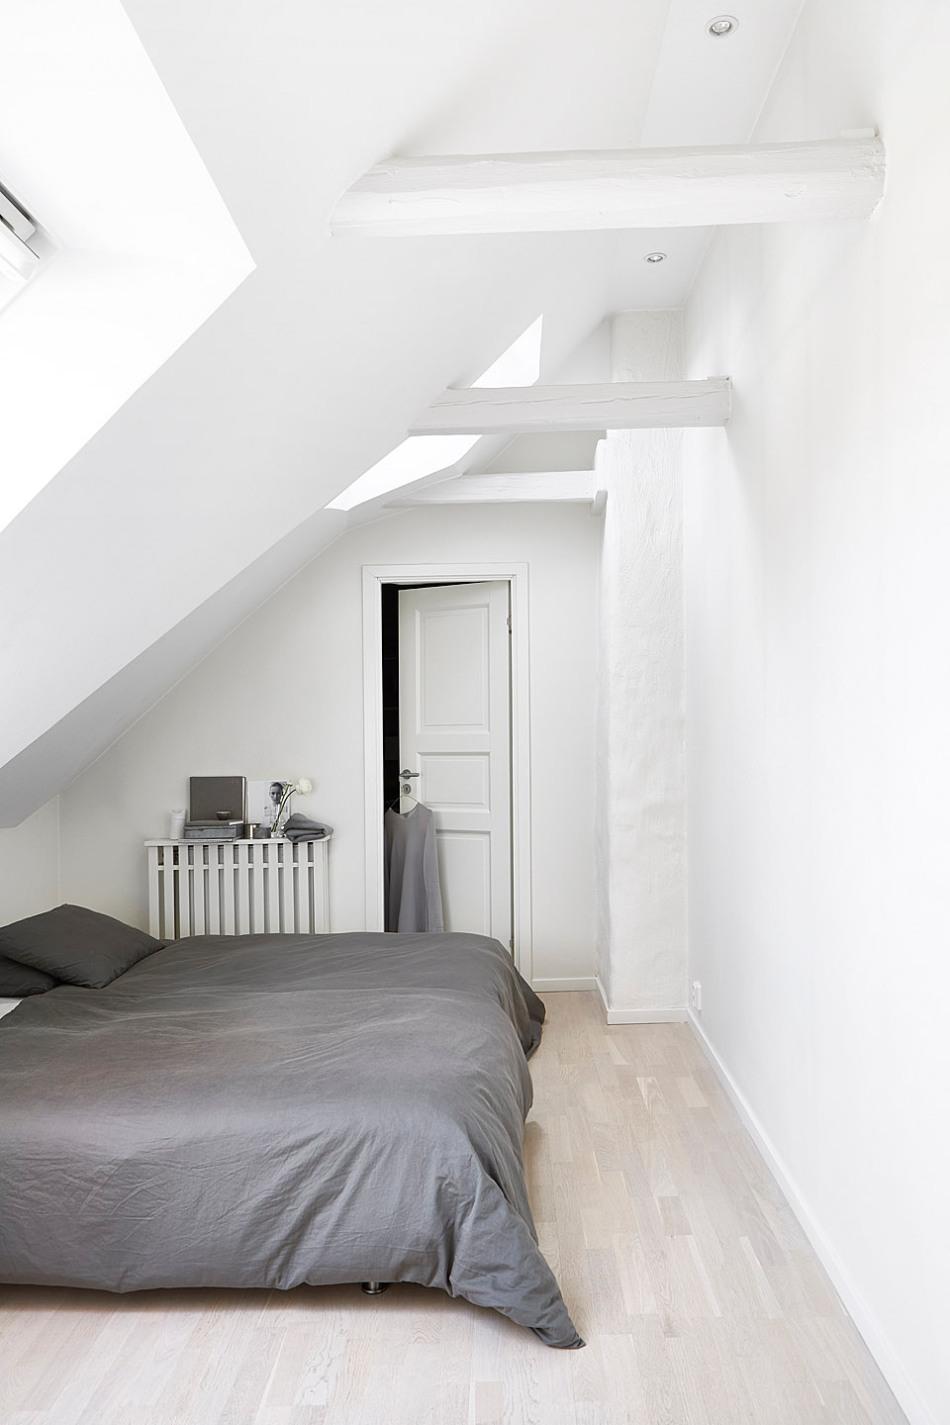 Vasastan sovrum snedtak vitmålade bjälkar hotellbäddad säng